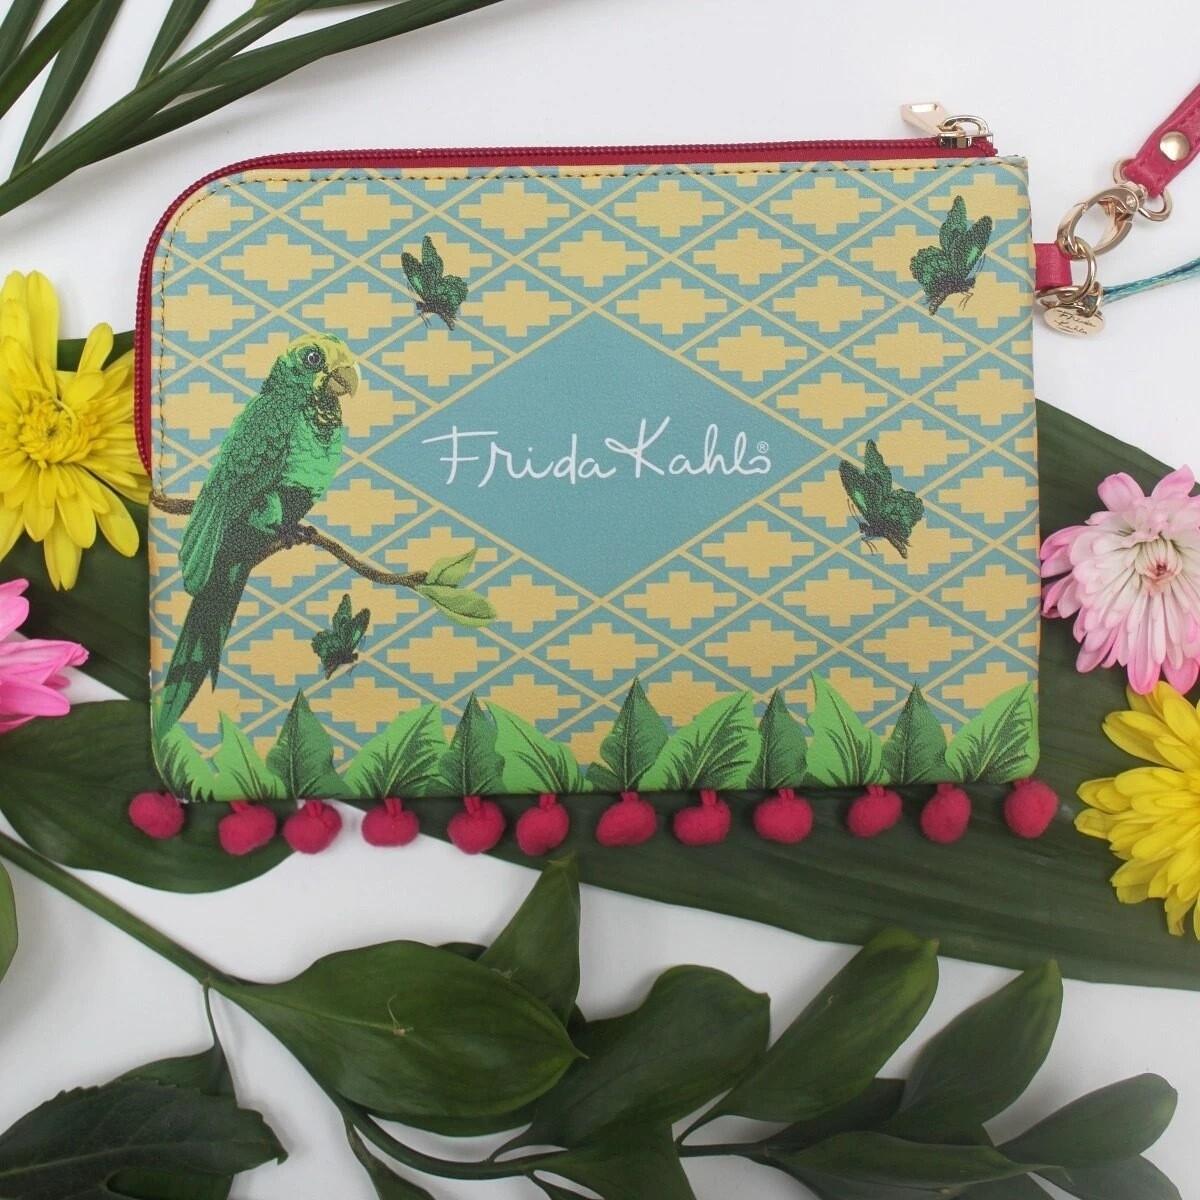 Frida Kahlo 'Parrot' Make Up Bag